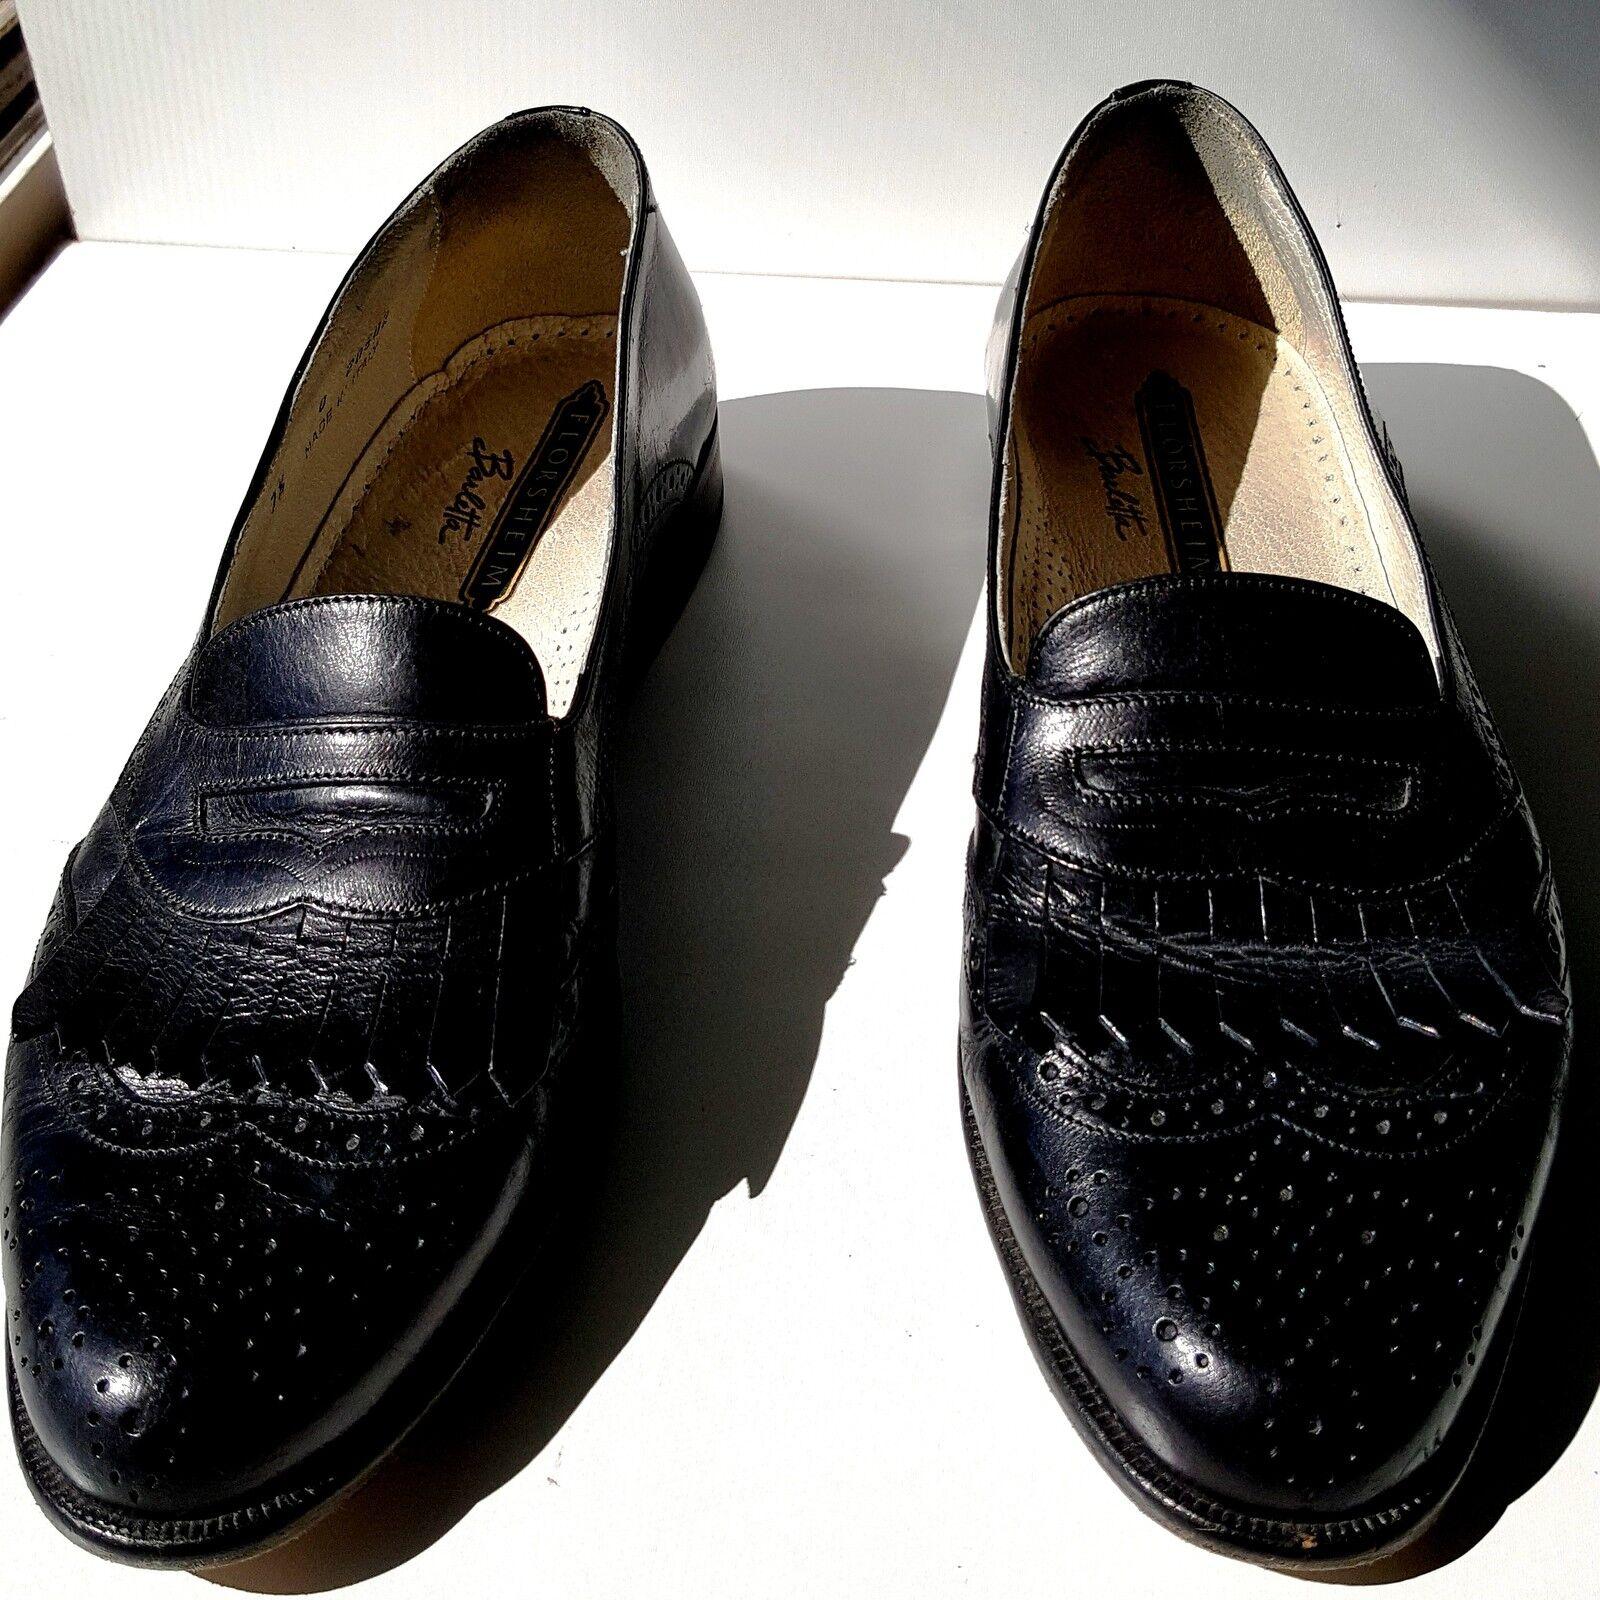 Para Hombre Zapatos Mocasines Florsheim Barletta Talle 7.5 D Cuero Hecho En Italia Excelente